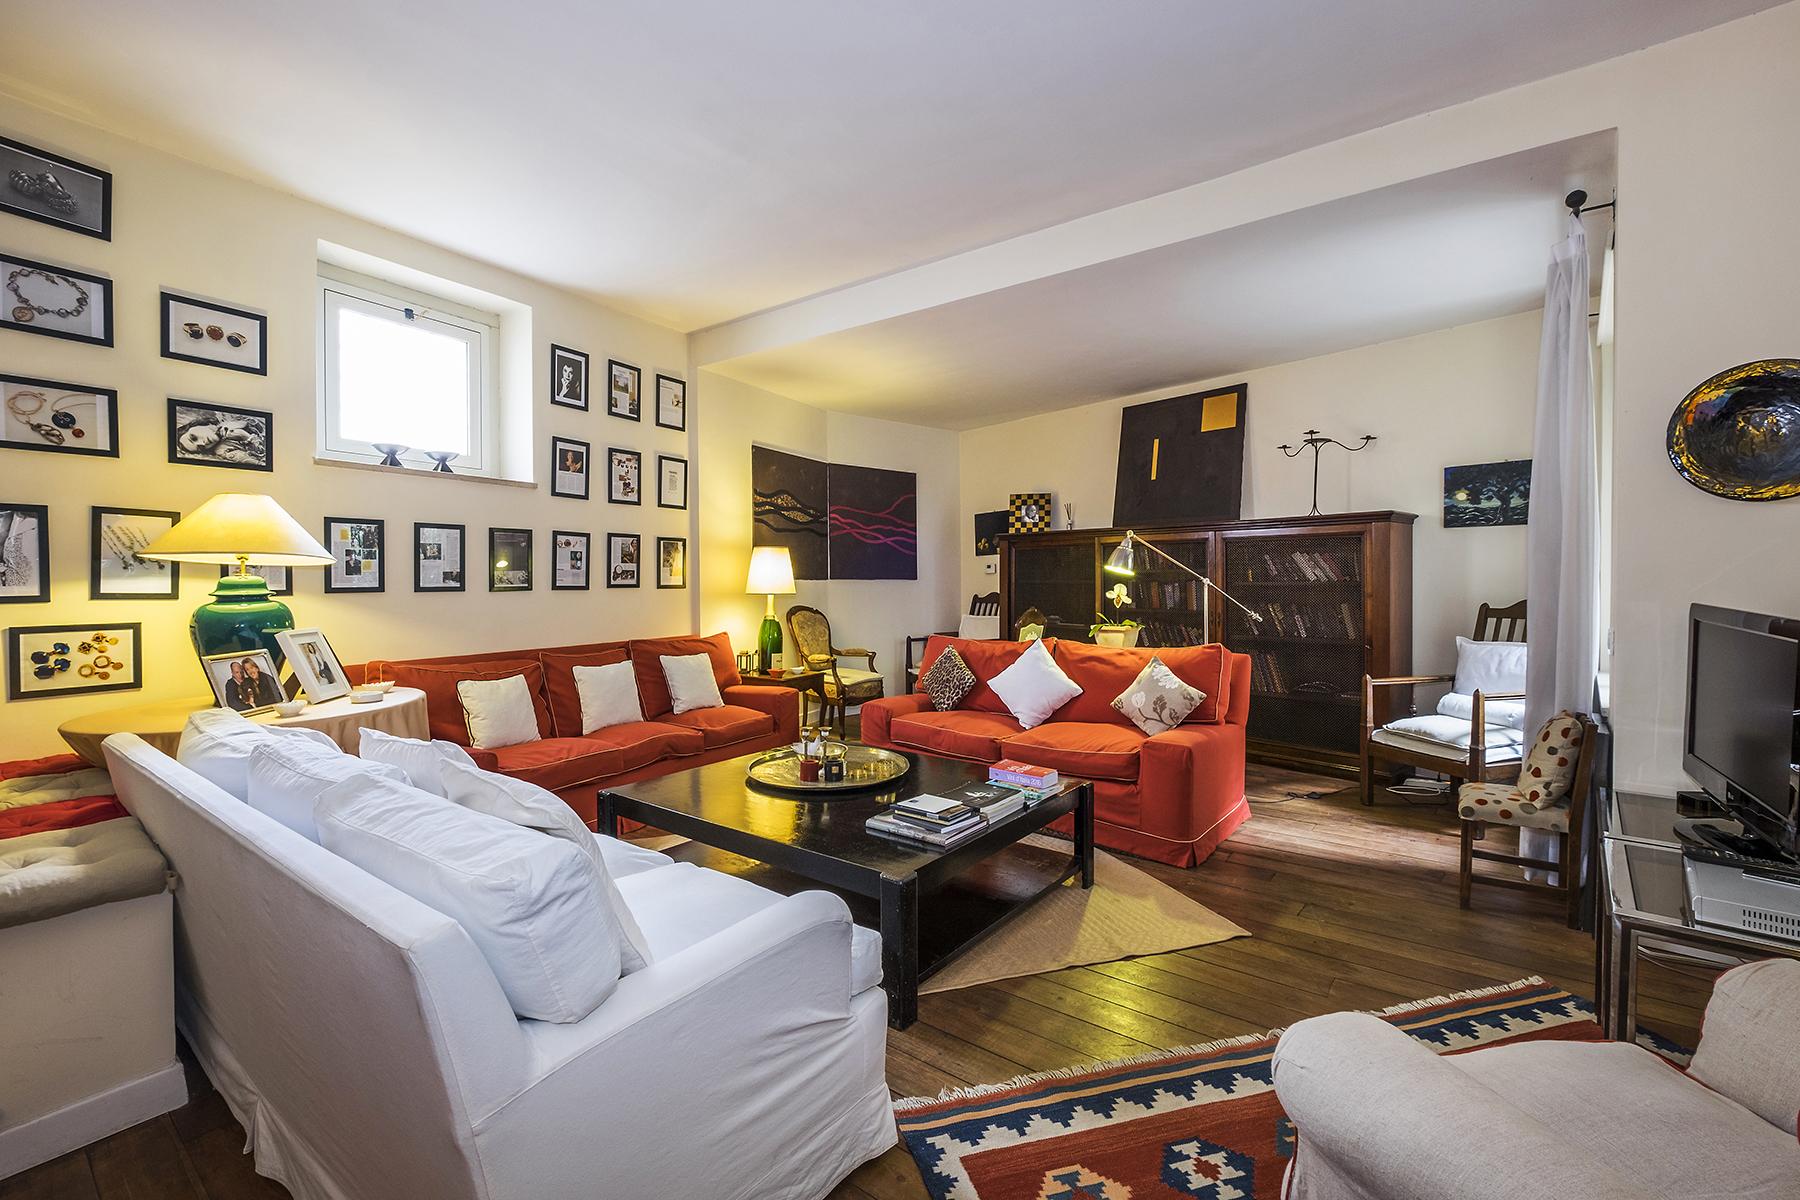 Appartamento in Vendita a Roma 02 Parioli / Pinciano / Flaminio: 5 locali, 140 mq